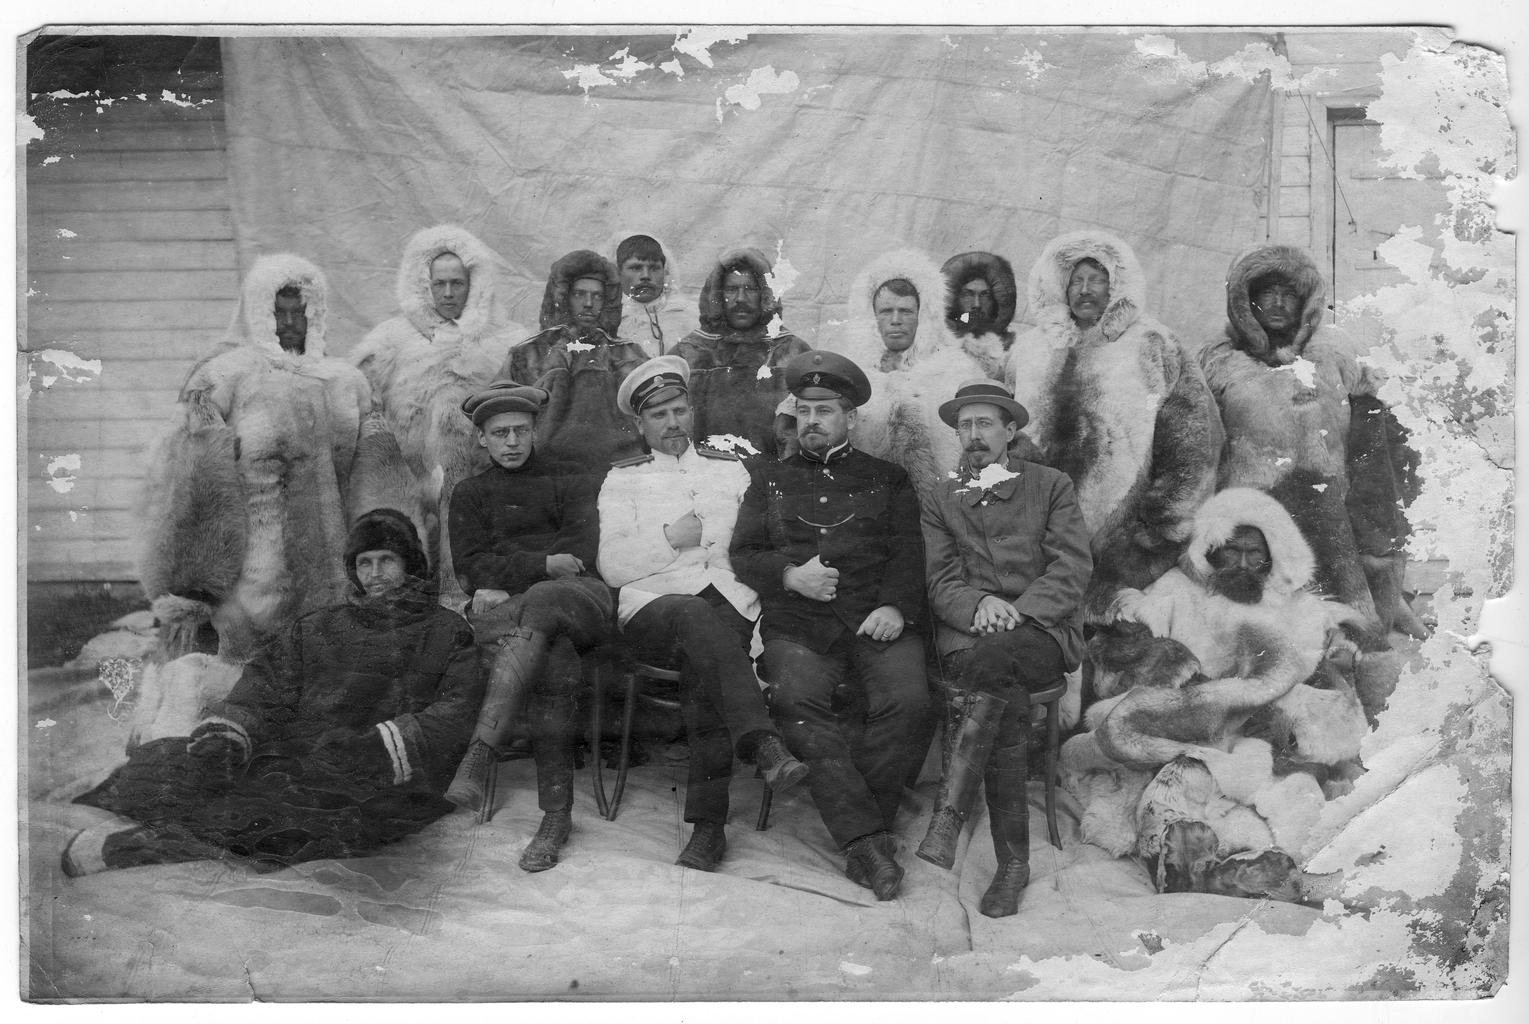 Участники экспедиции 1912-1914 гг. к Северному полюсу под руководством лейтенанта Г. Я. Седова